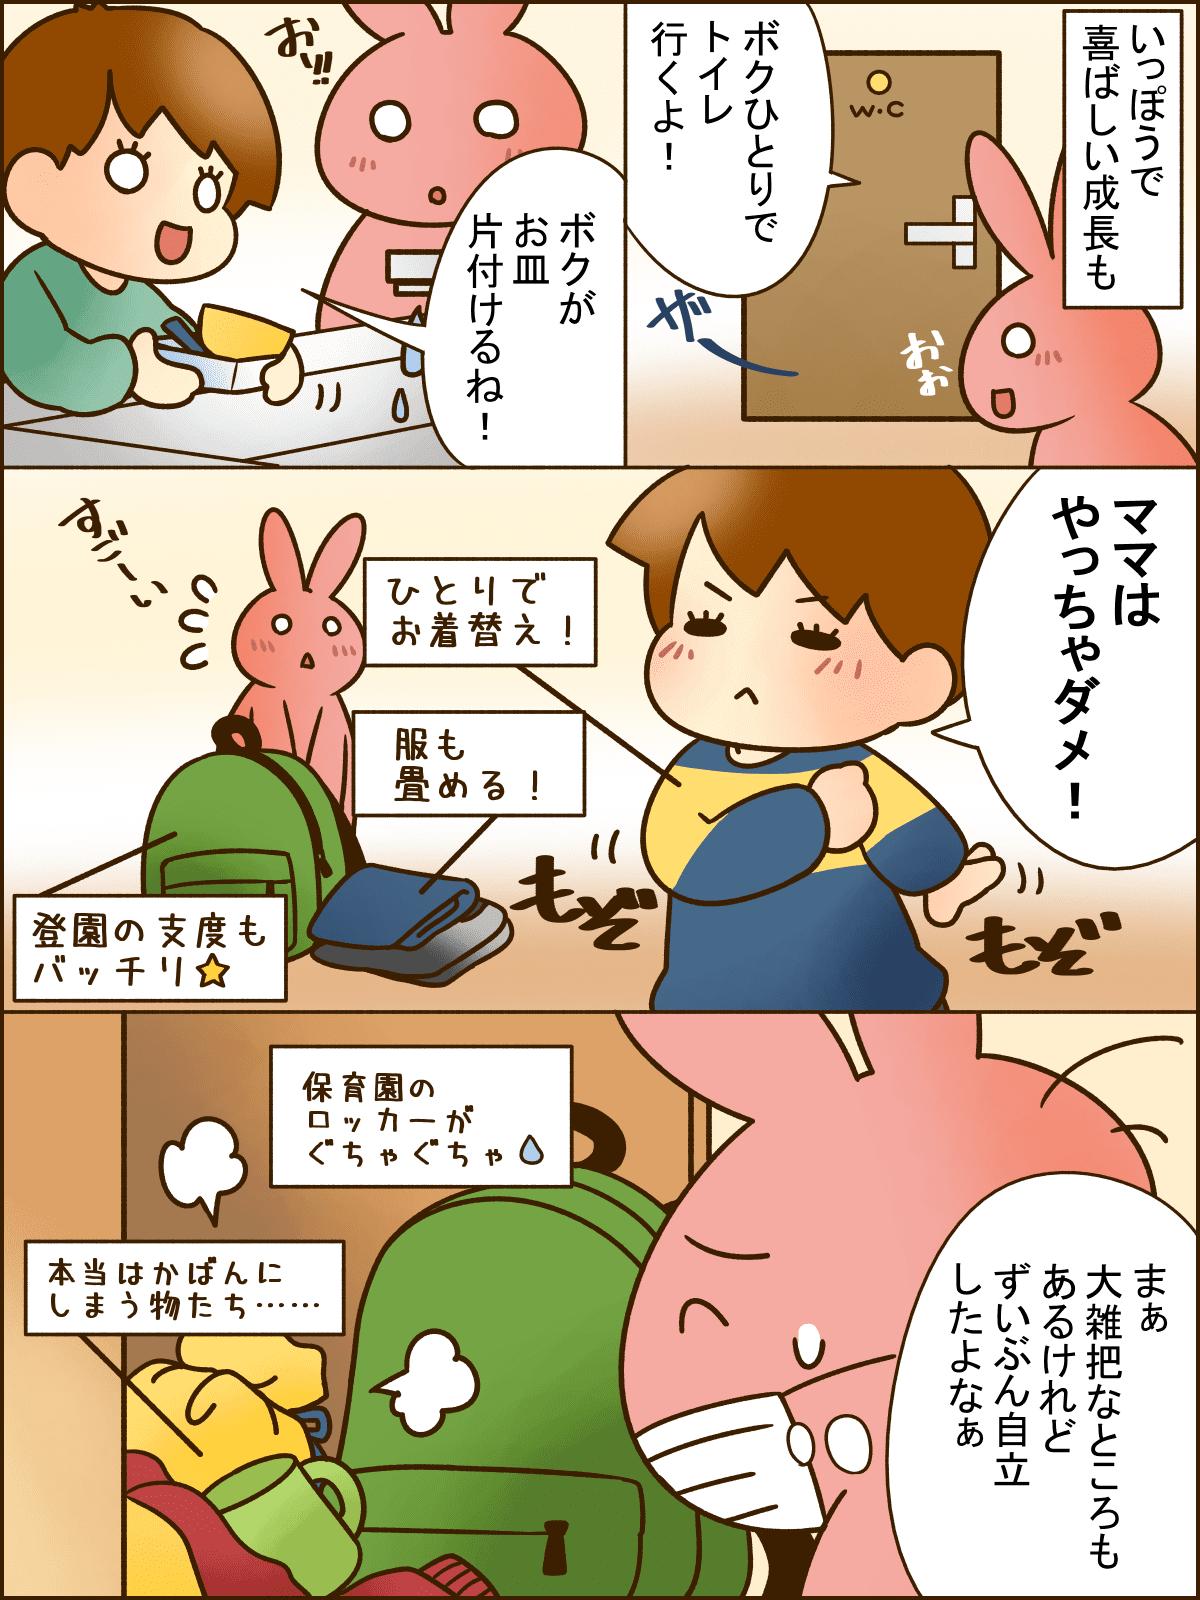 【完成版】335ちぃくんの4歳バースデー03